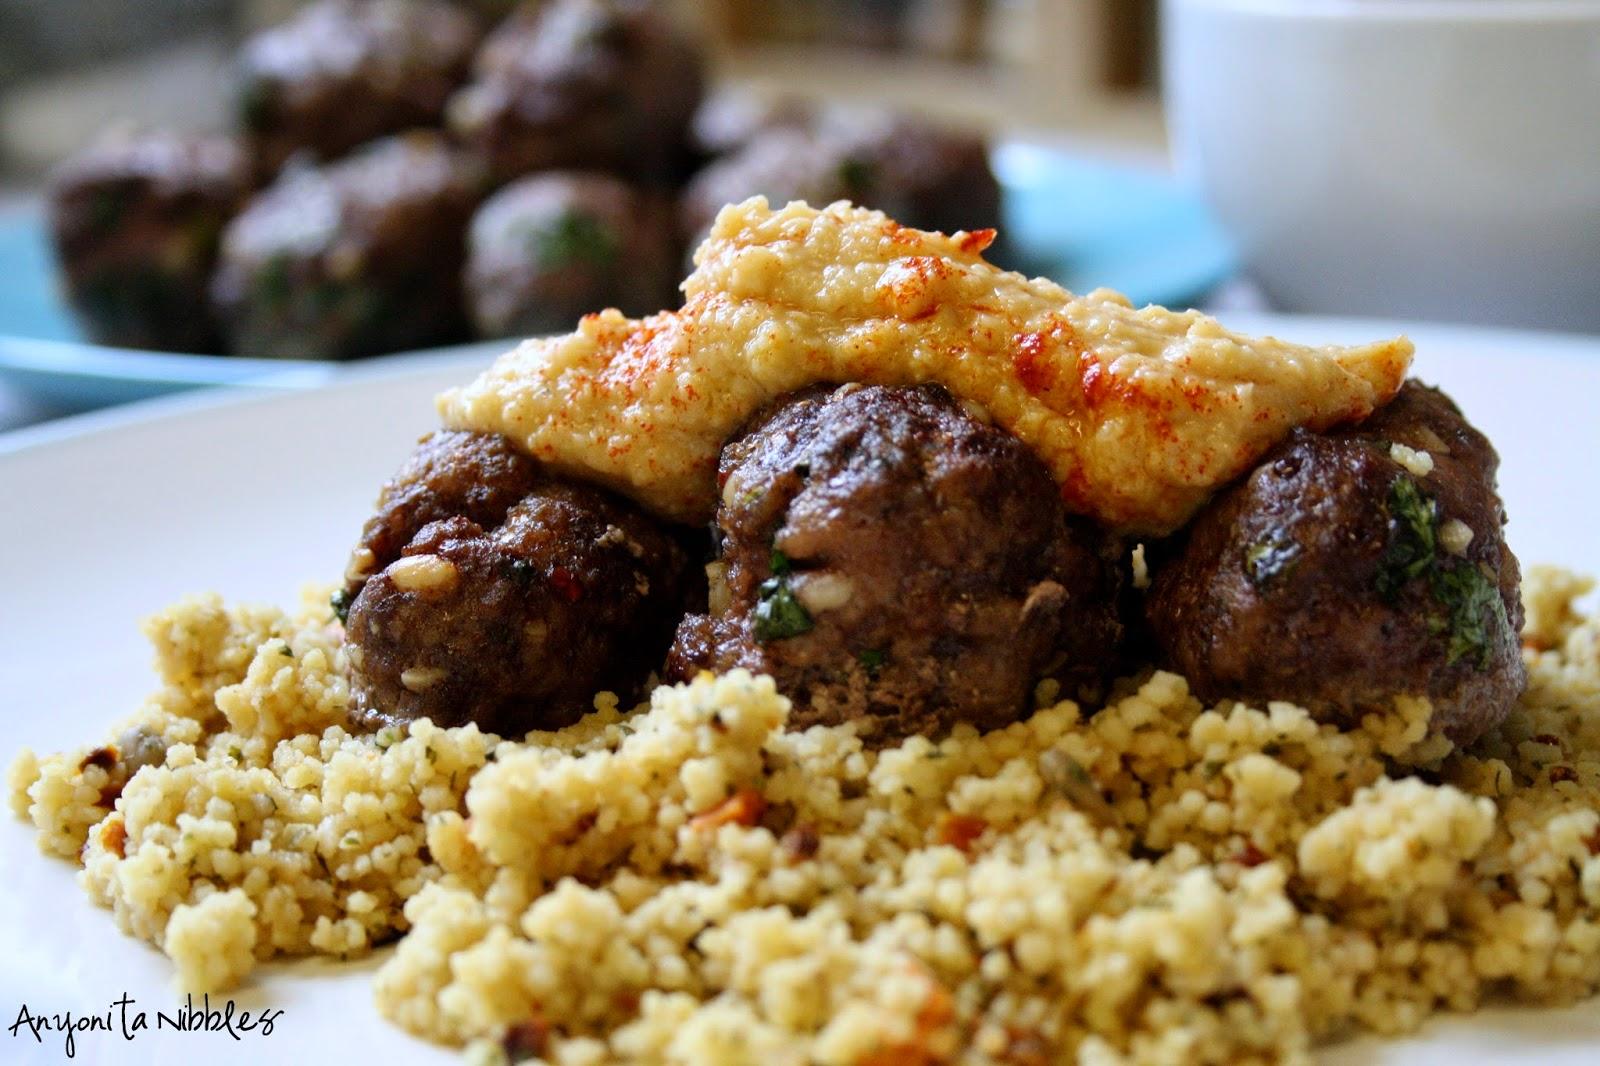 Lamb koftas on couscous with hummus by Anyonita Nibbles